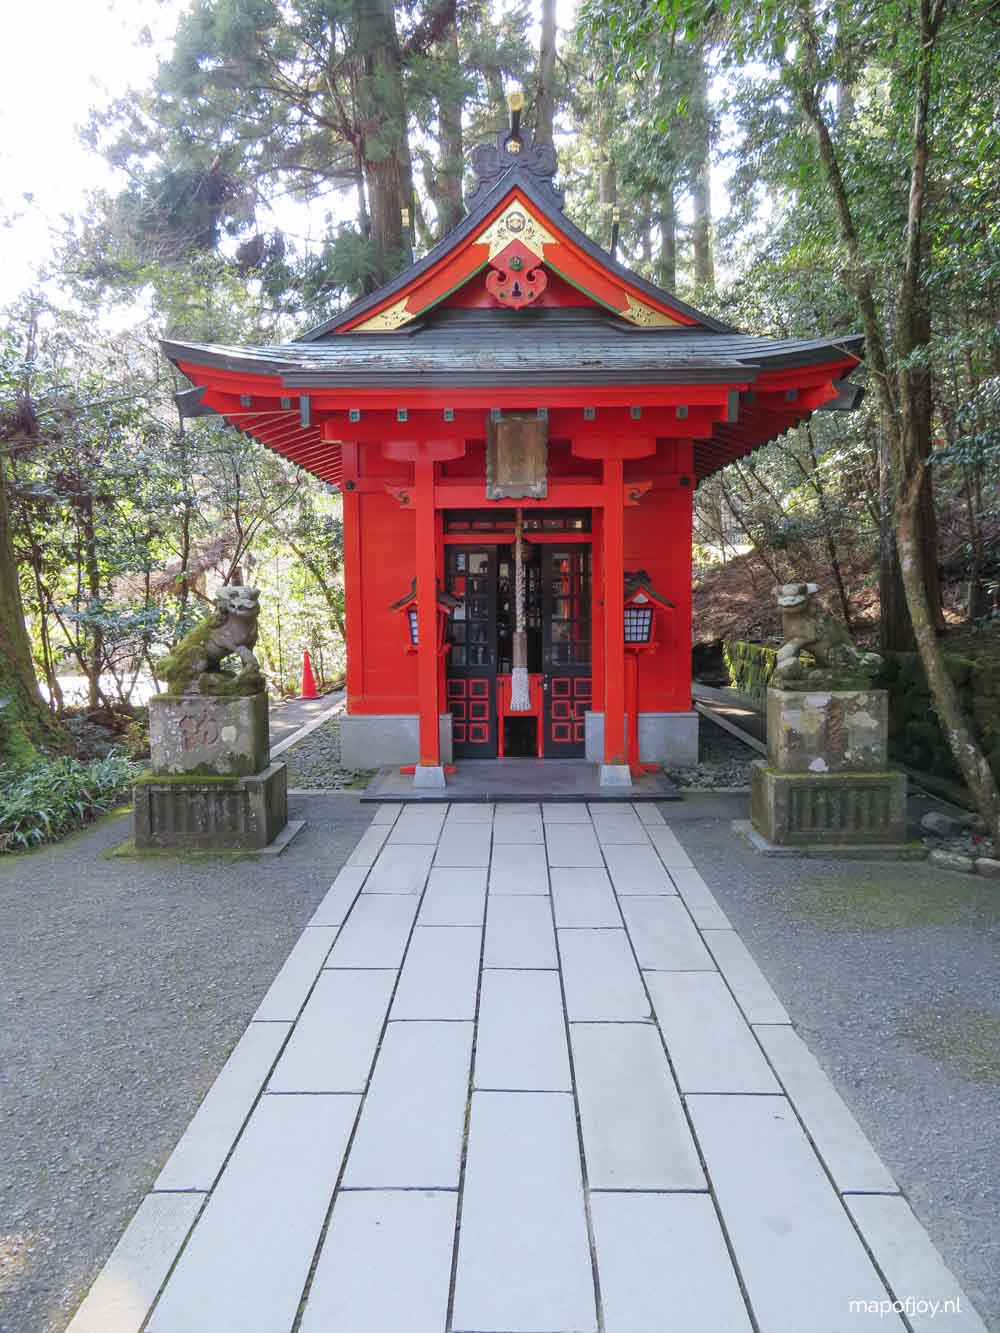 Hakone Shrine, Japan - Map of Joy